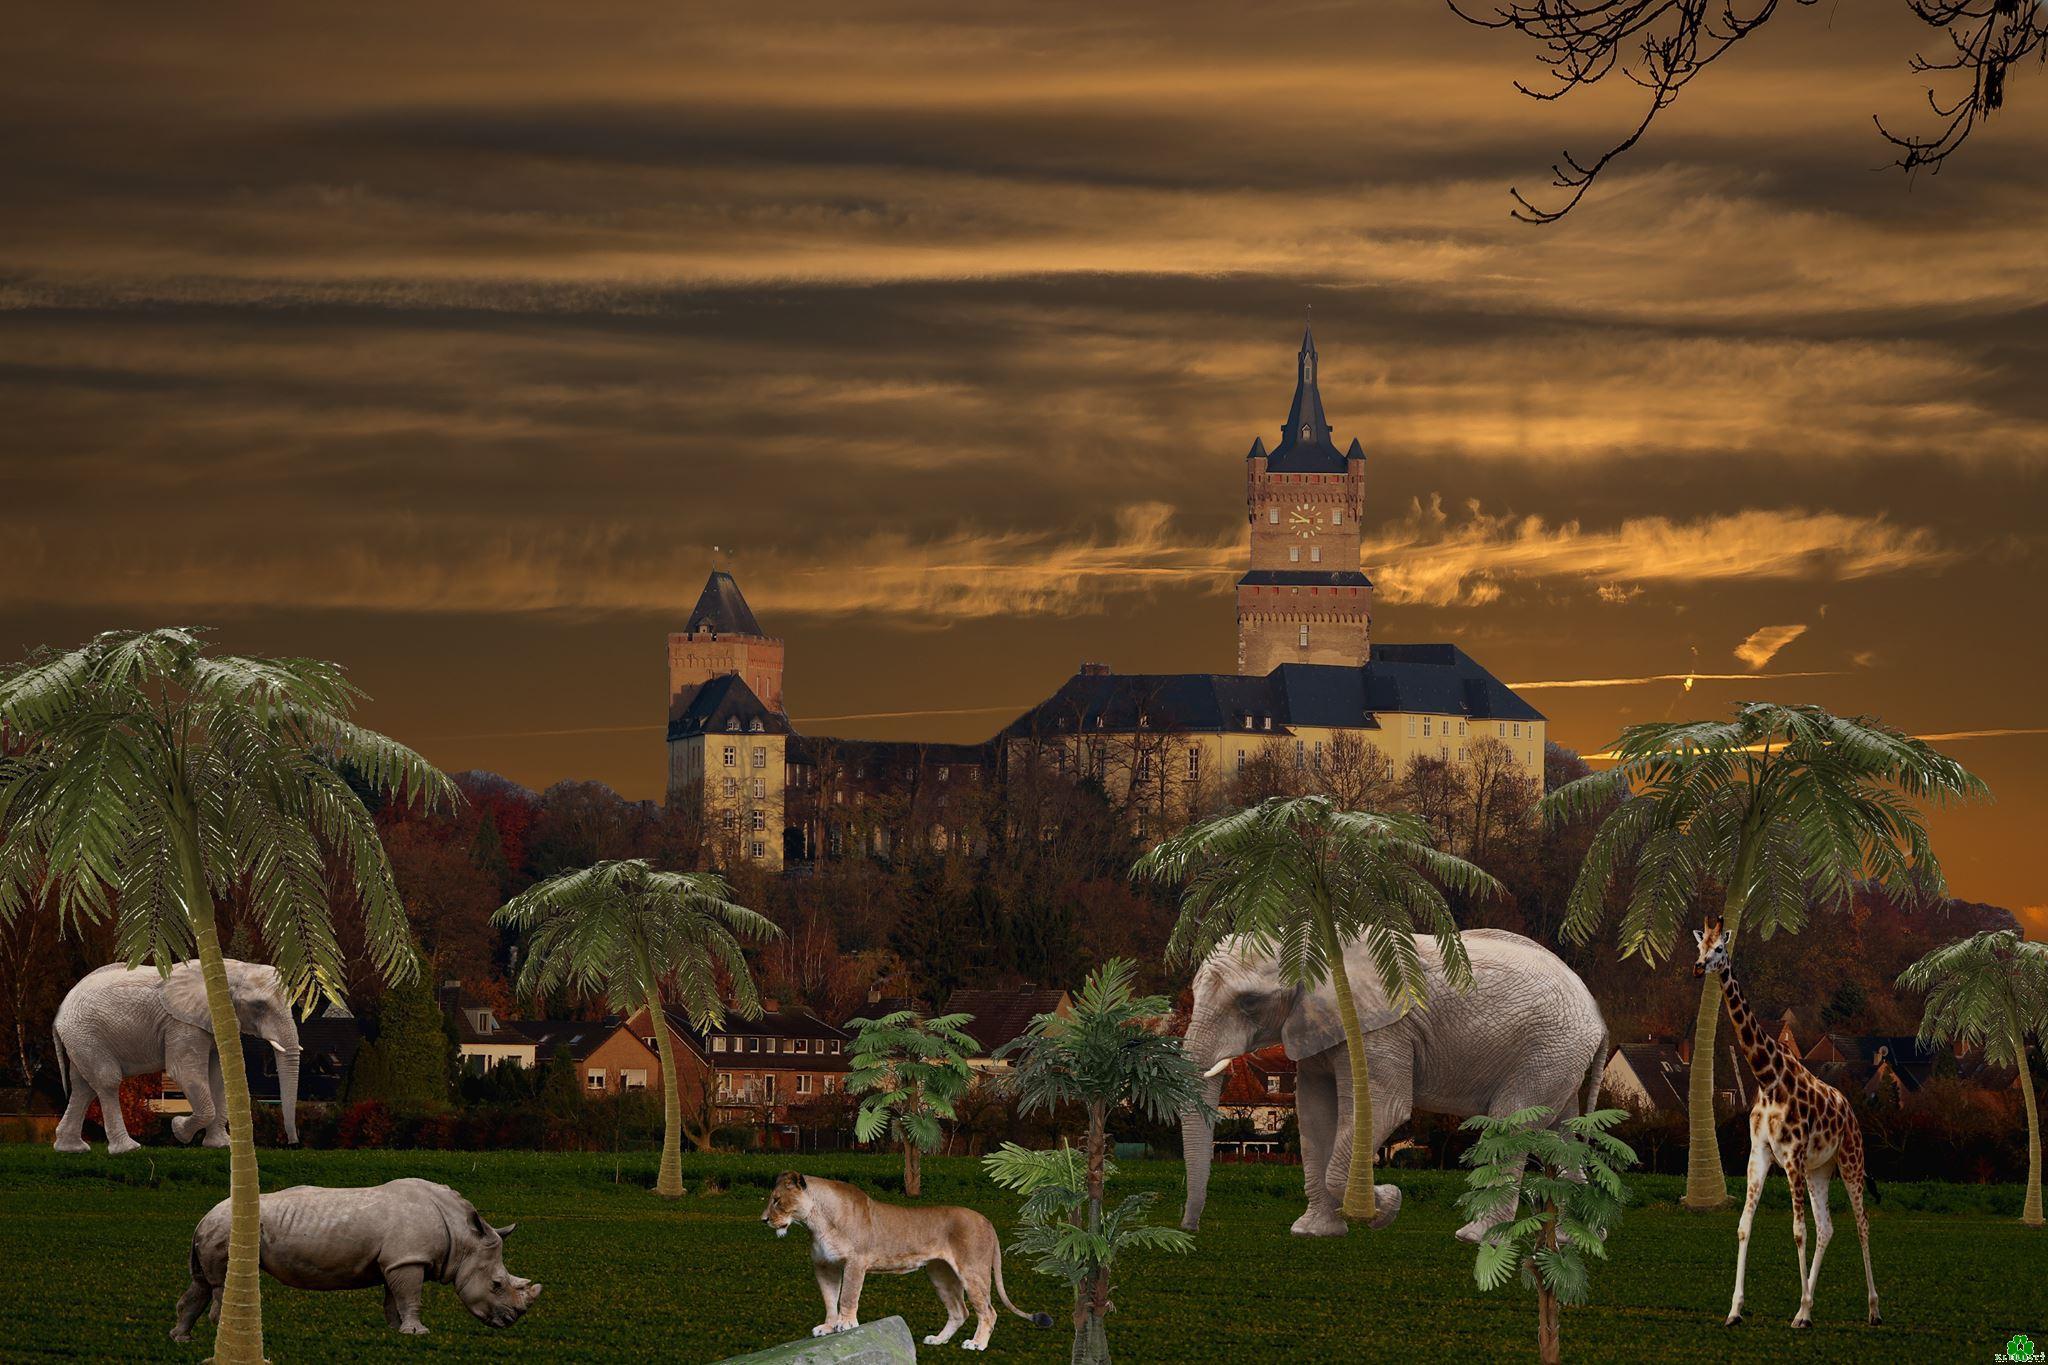 Elefanten, Nashörner und Giraffen in Kleve